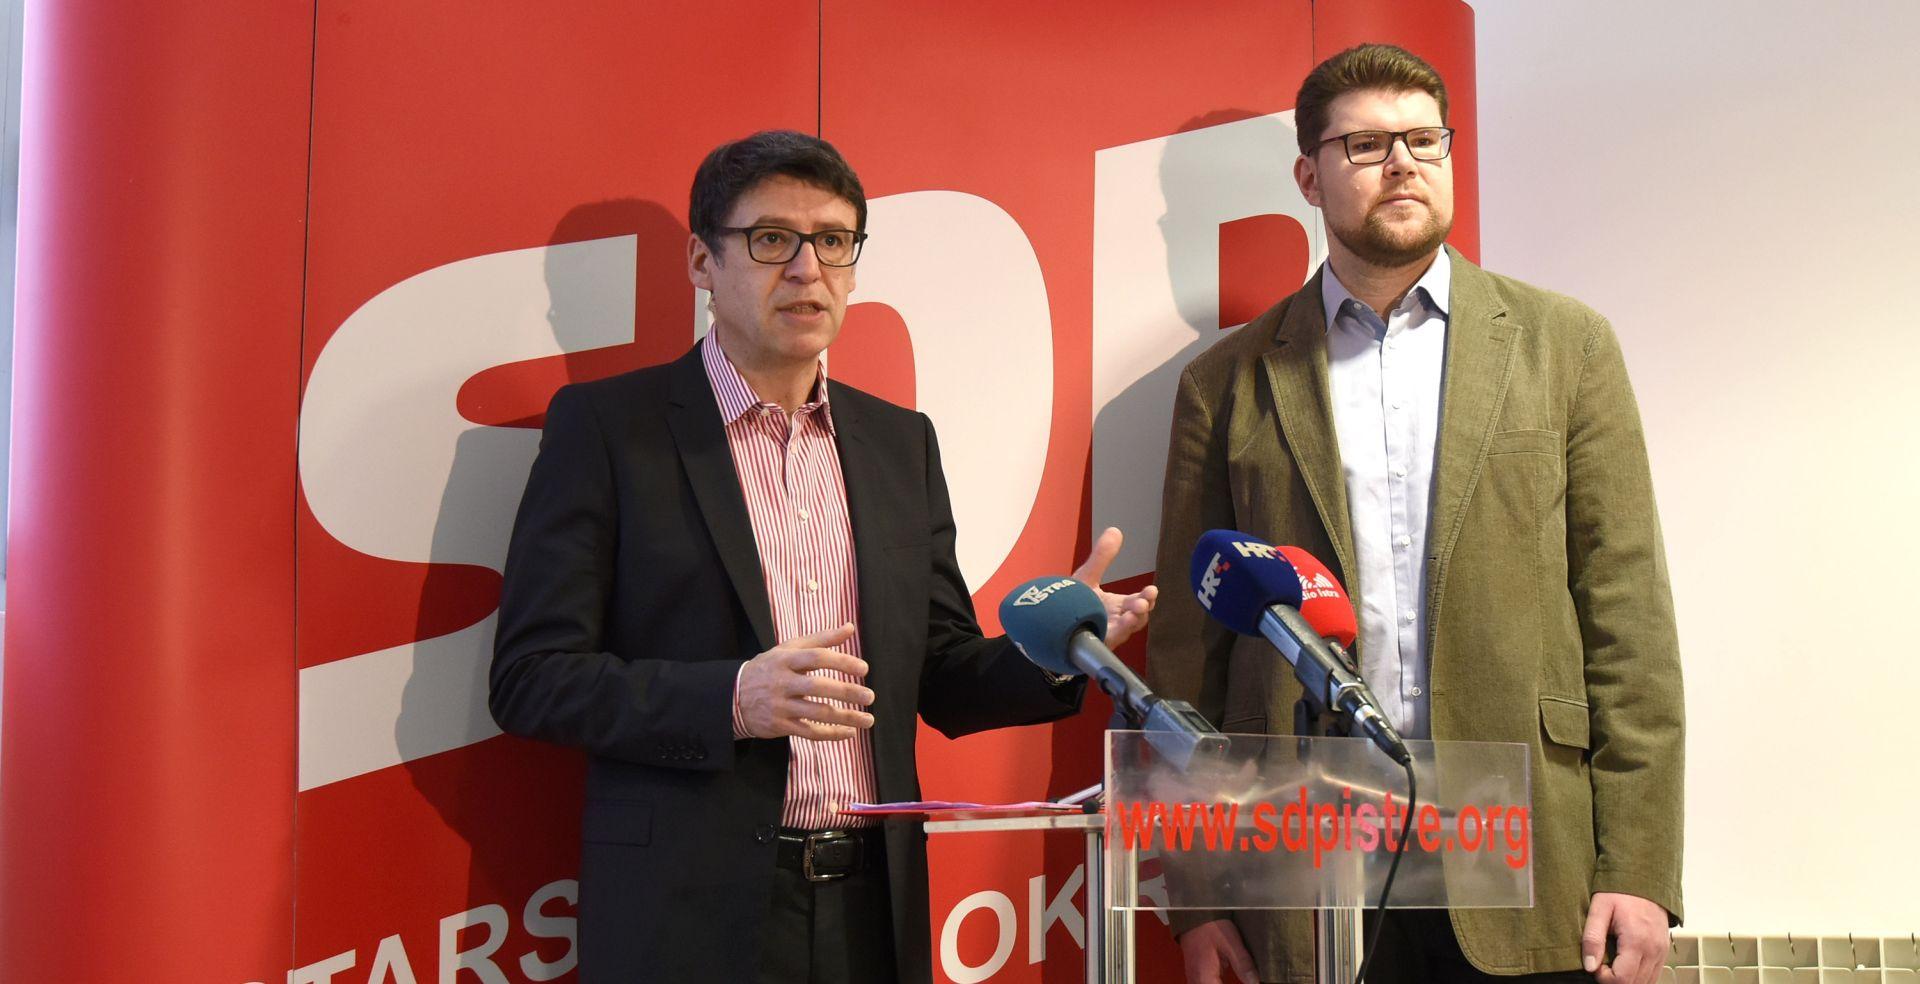 Jovanović i Grbin: Protiv autonomije i depolitizacije sporta je samo onaj koji ne želi trasnparentnost